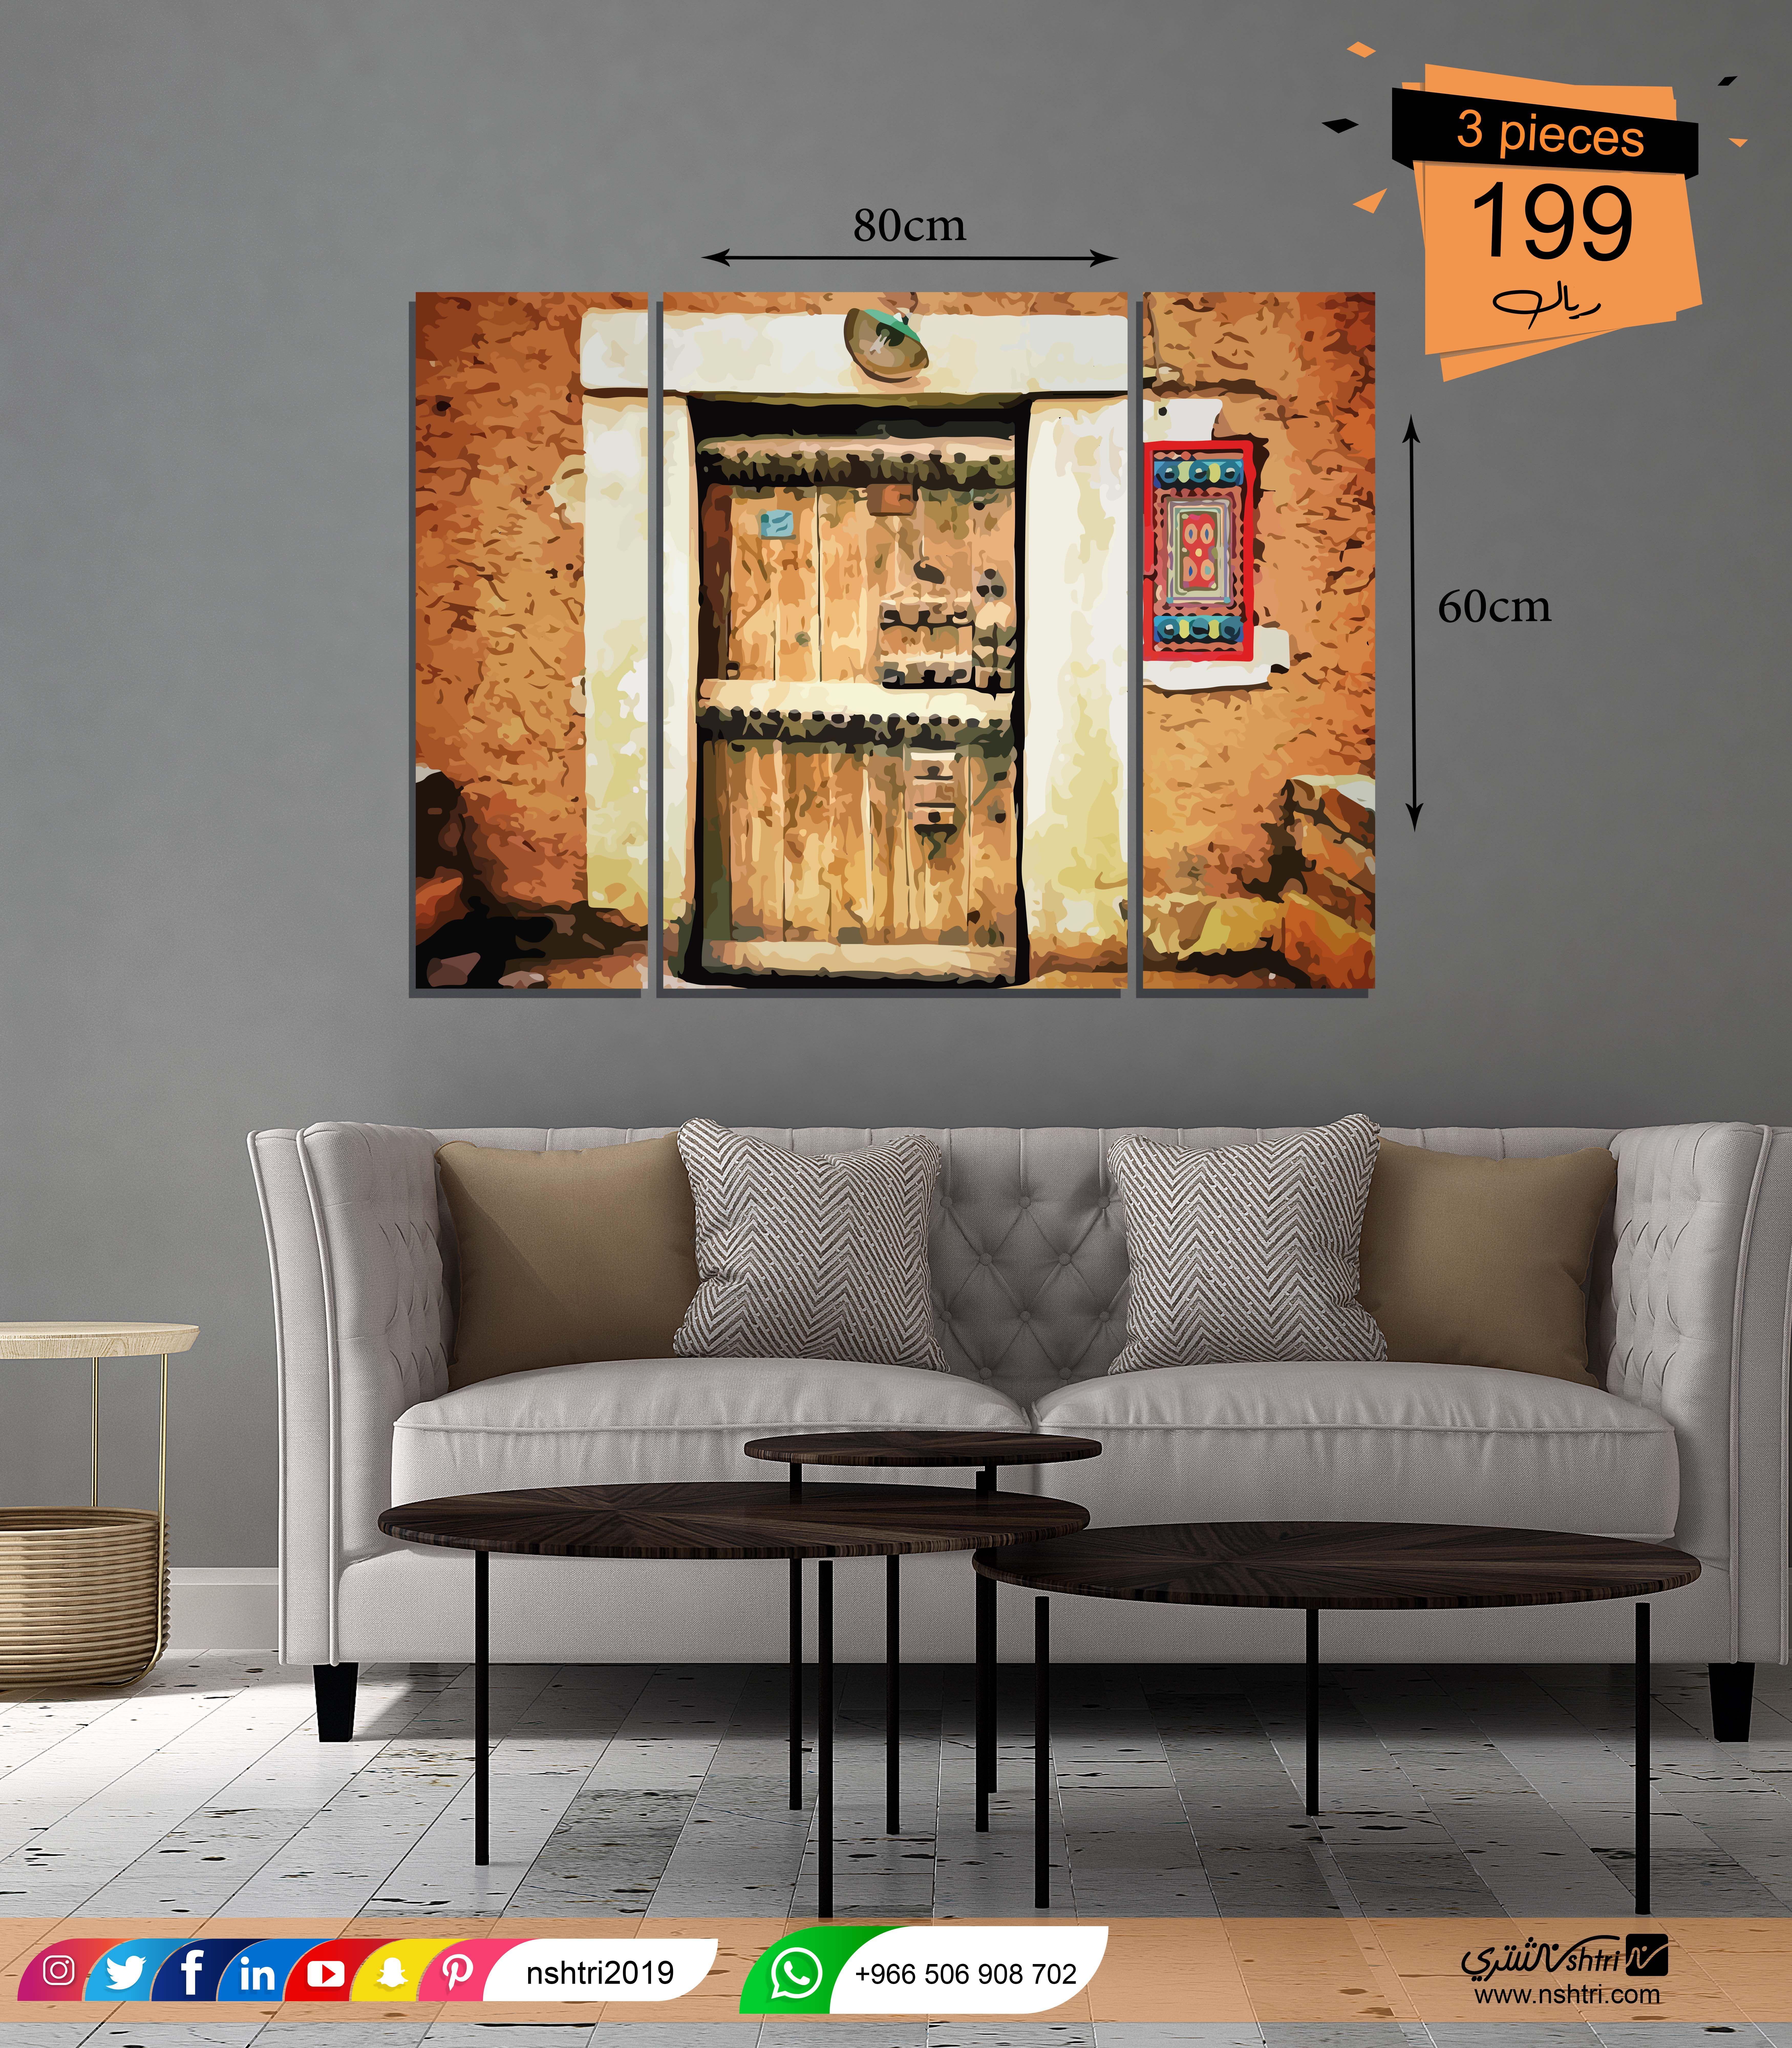 تراثنا محل إعتزازنا نفخر بتراث وطننا الغالي من خلال لوحات من نشتري لوحات تراثية بتصميم أنيق تضفي لمسة من الأصالة والجمال لدي Decor Home Decor Furniture